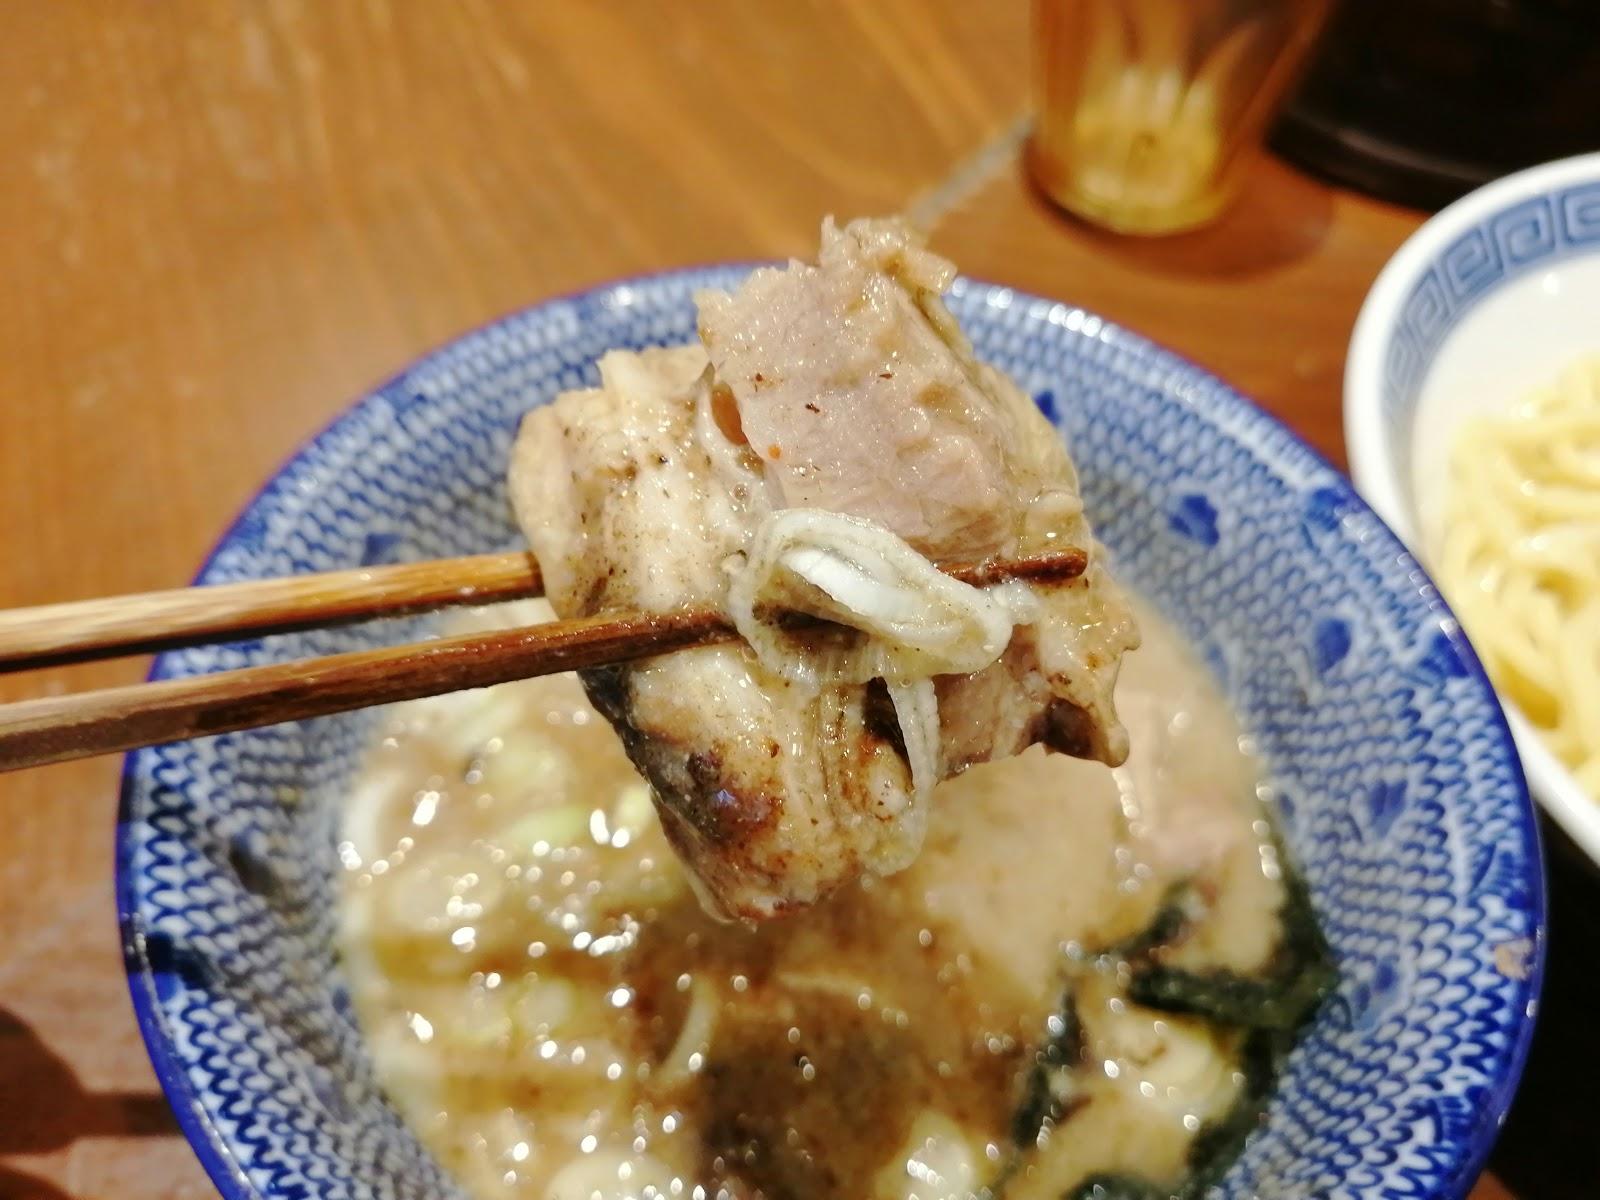 福岡市天神のつけ麺・ラーメン専門店 麺や兼虎チャーシュー